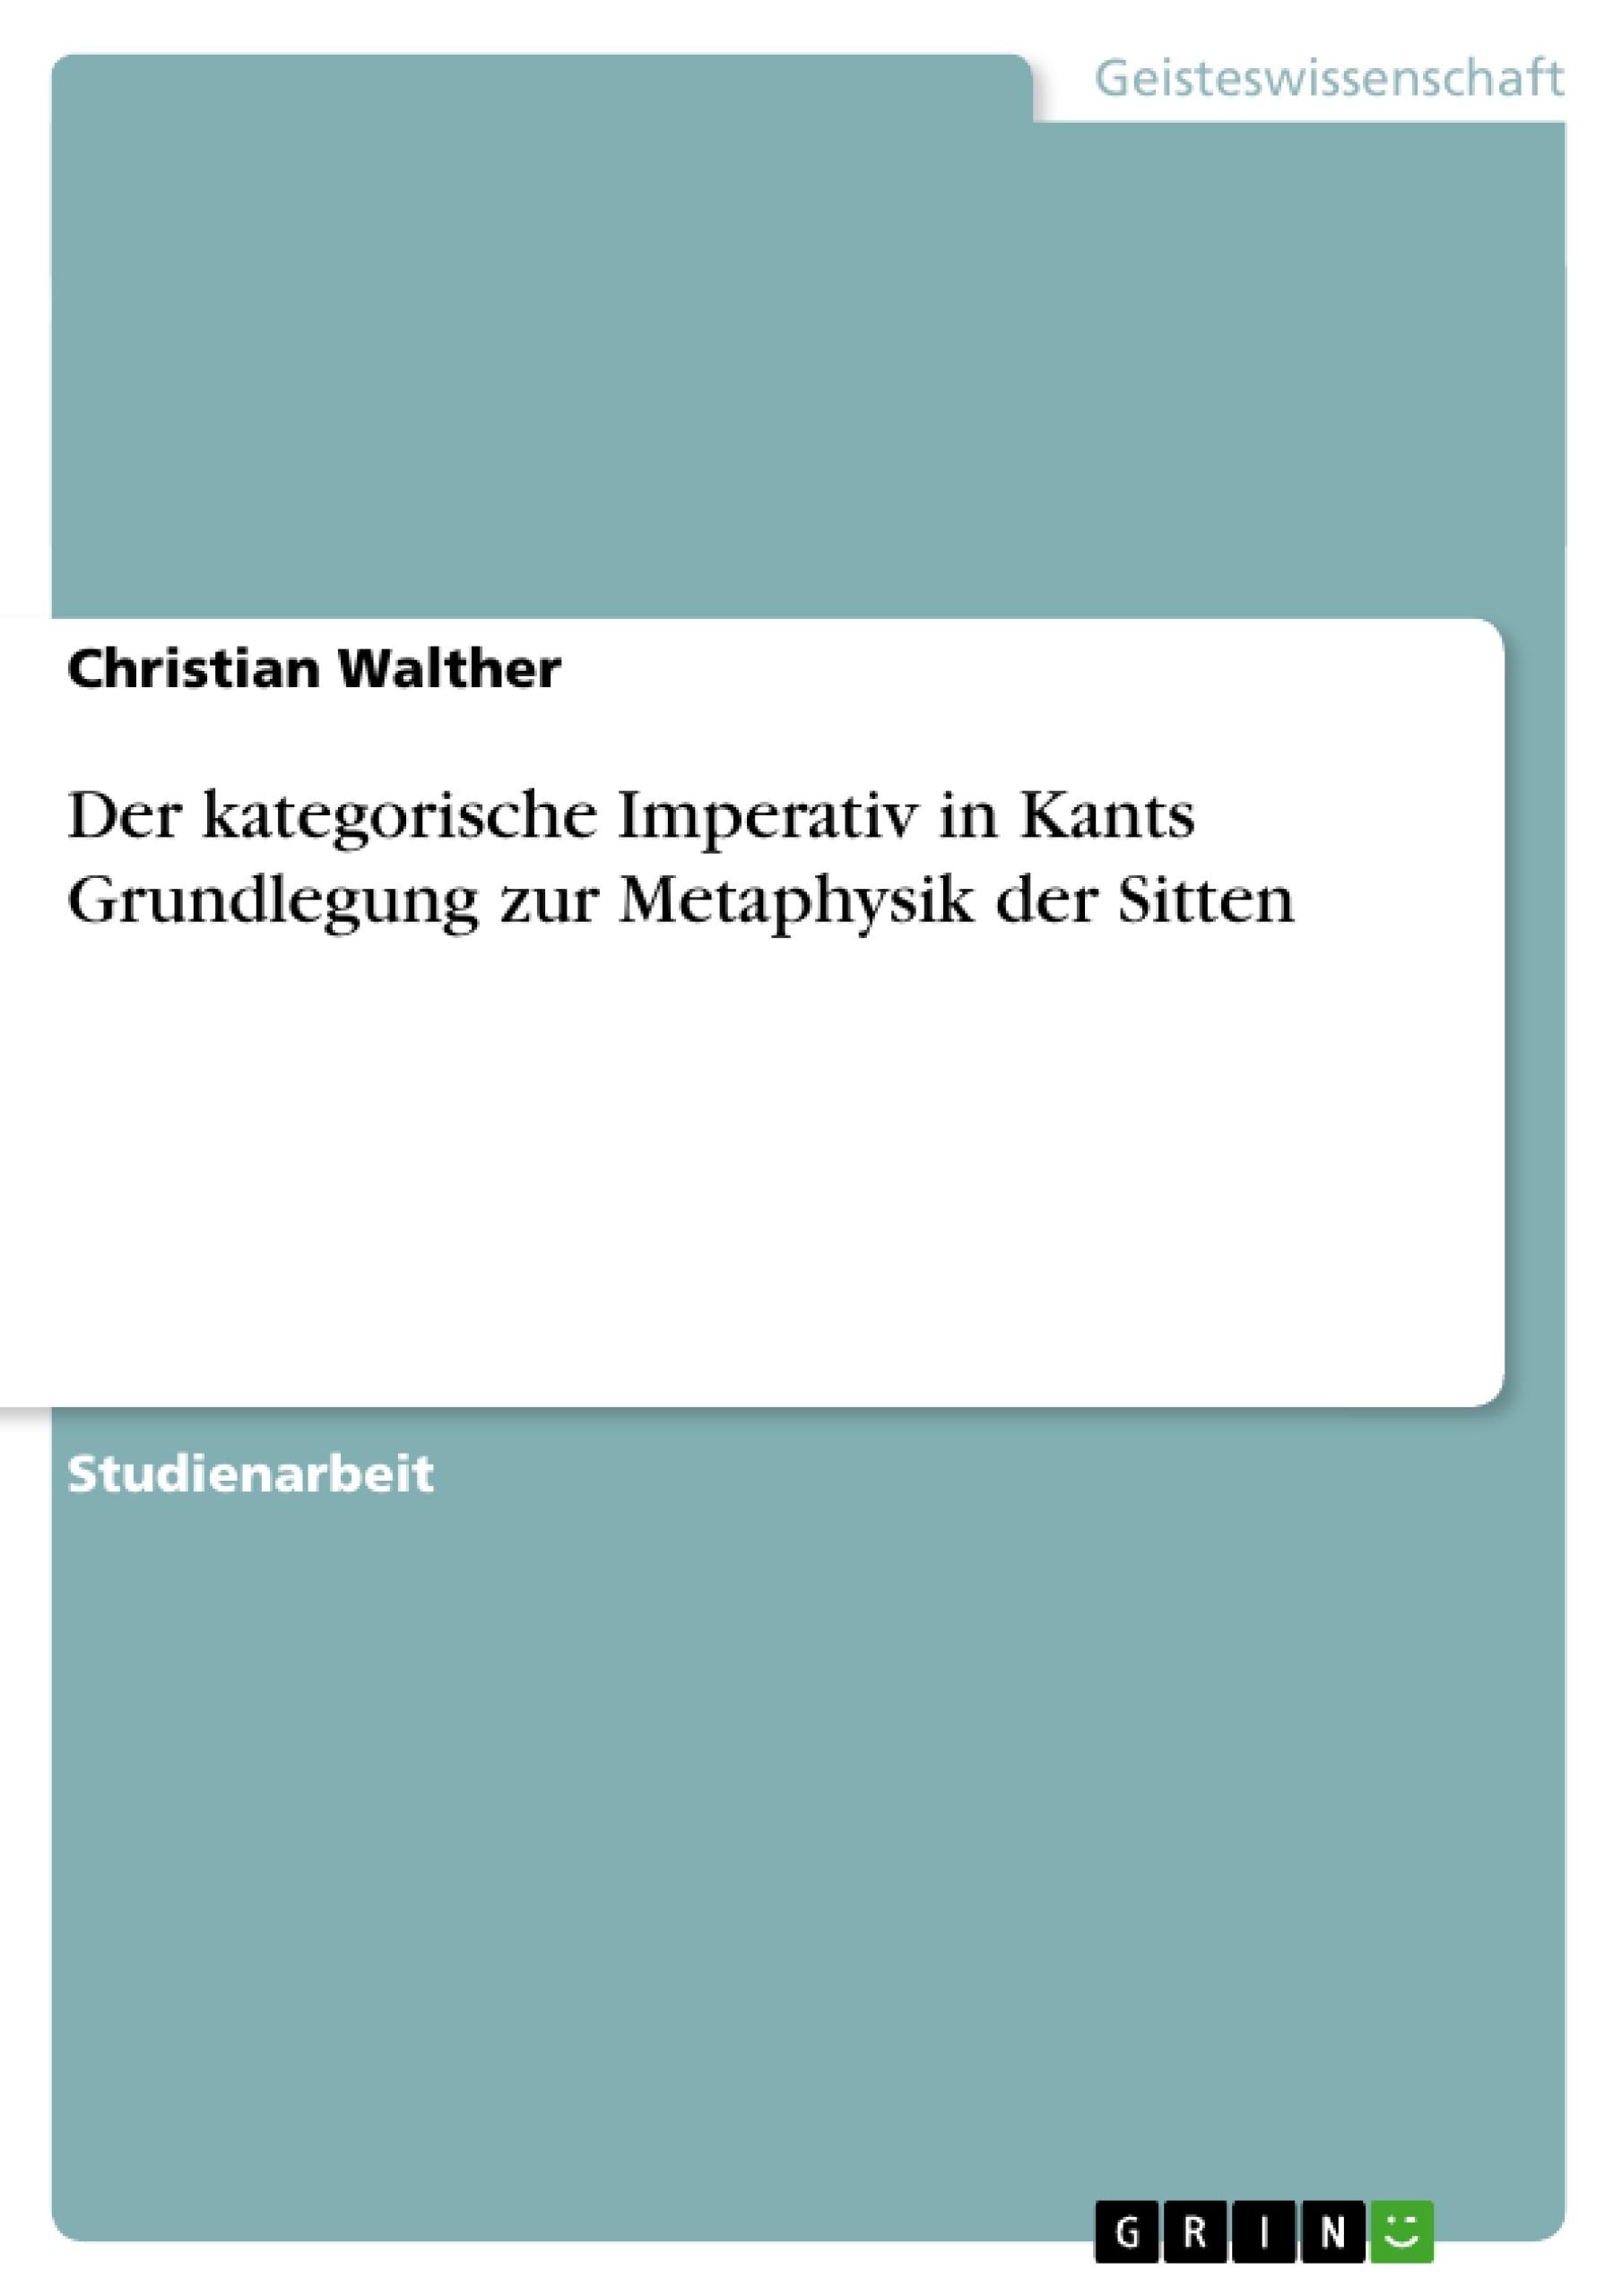 Titel: Der kategorische Imperativ in Kants Grundlegung zur Metaphysik der Sitten